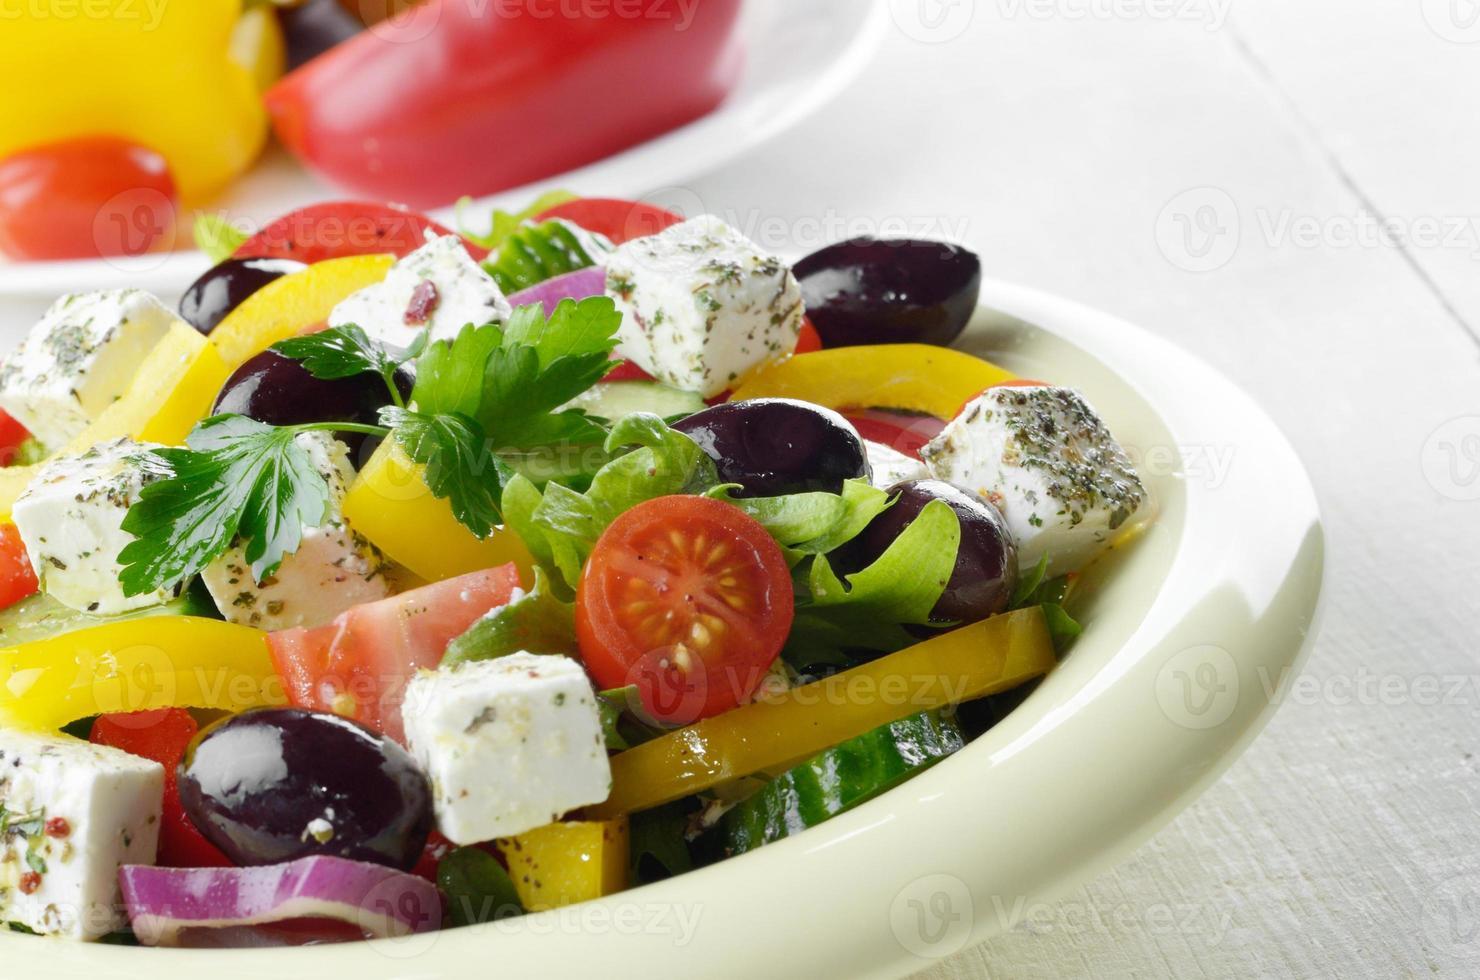 ensalada griega casera foto